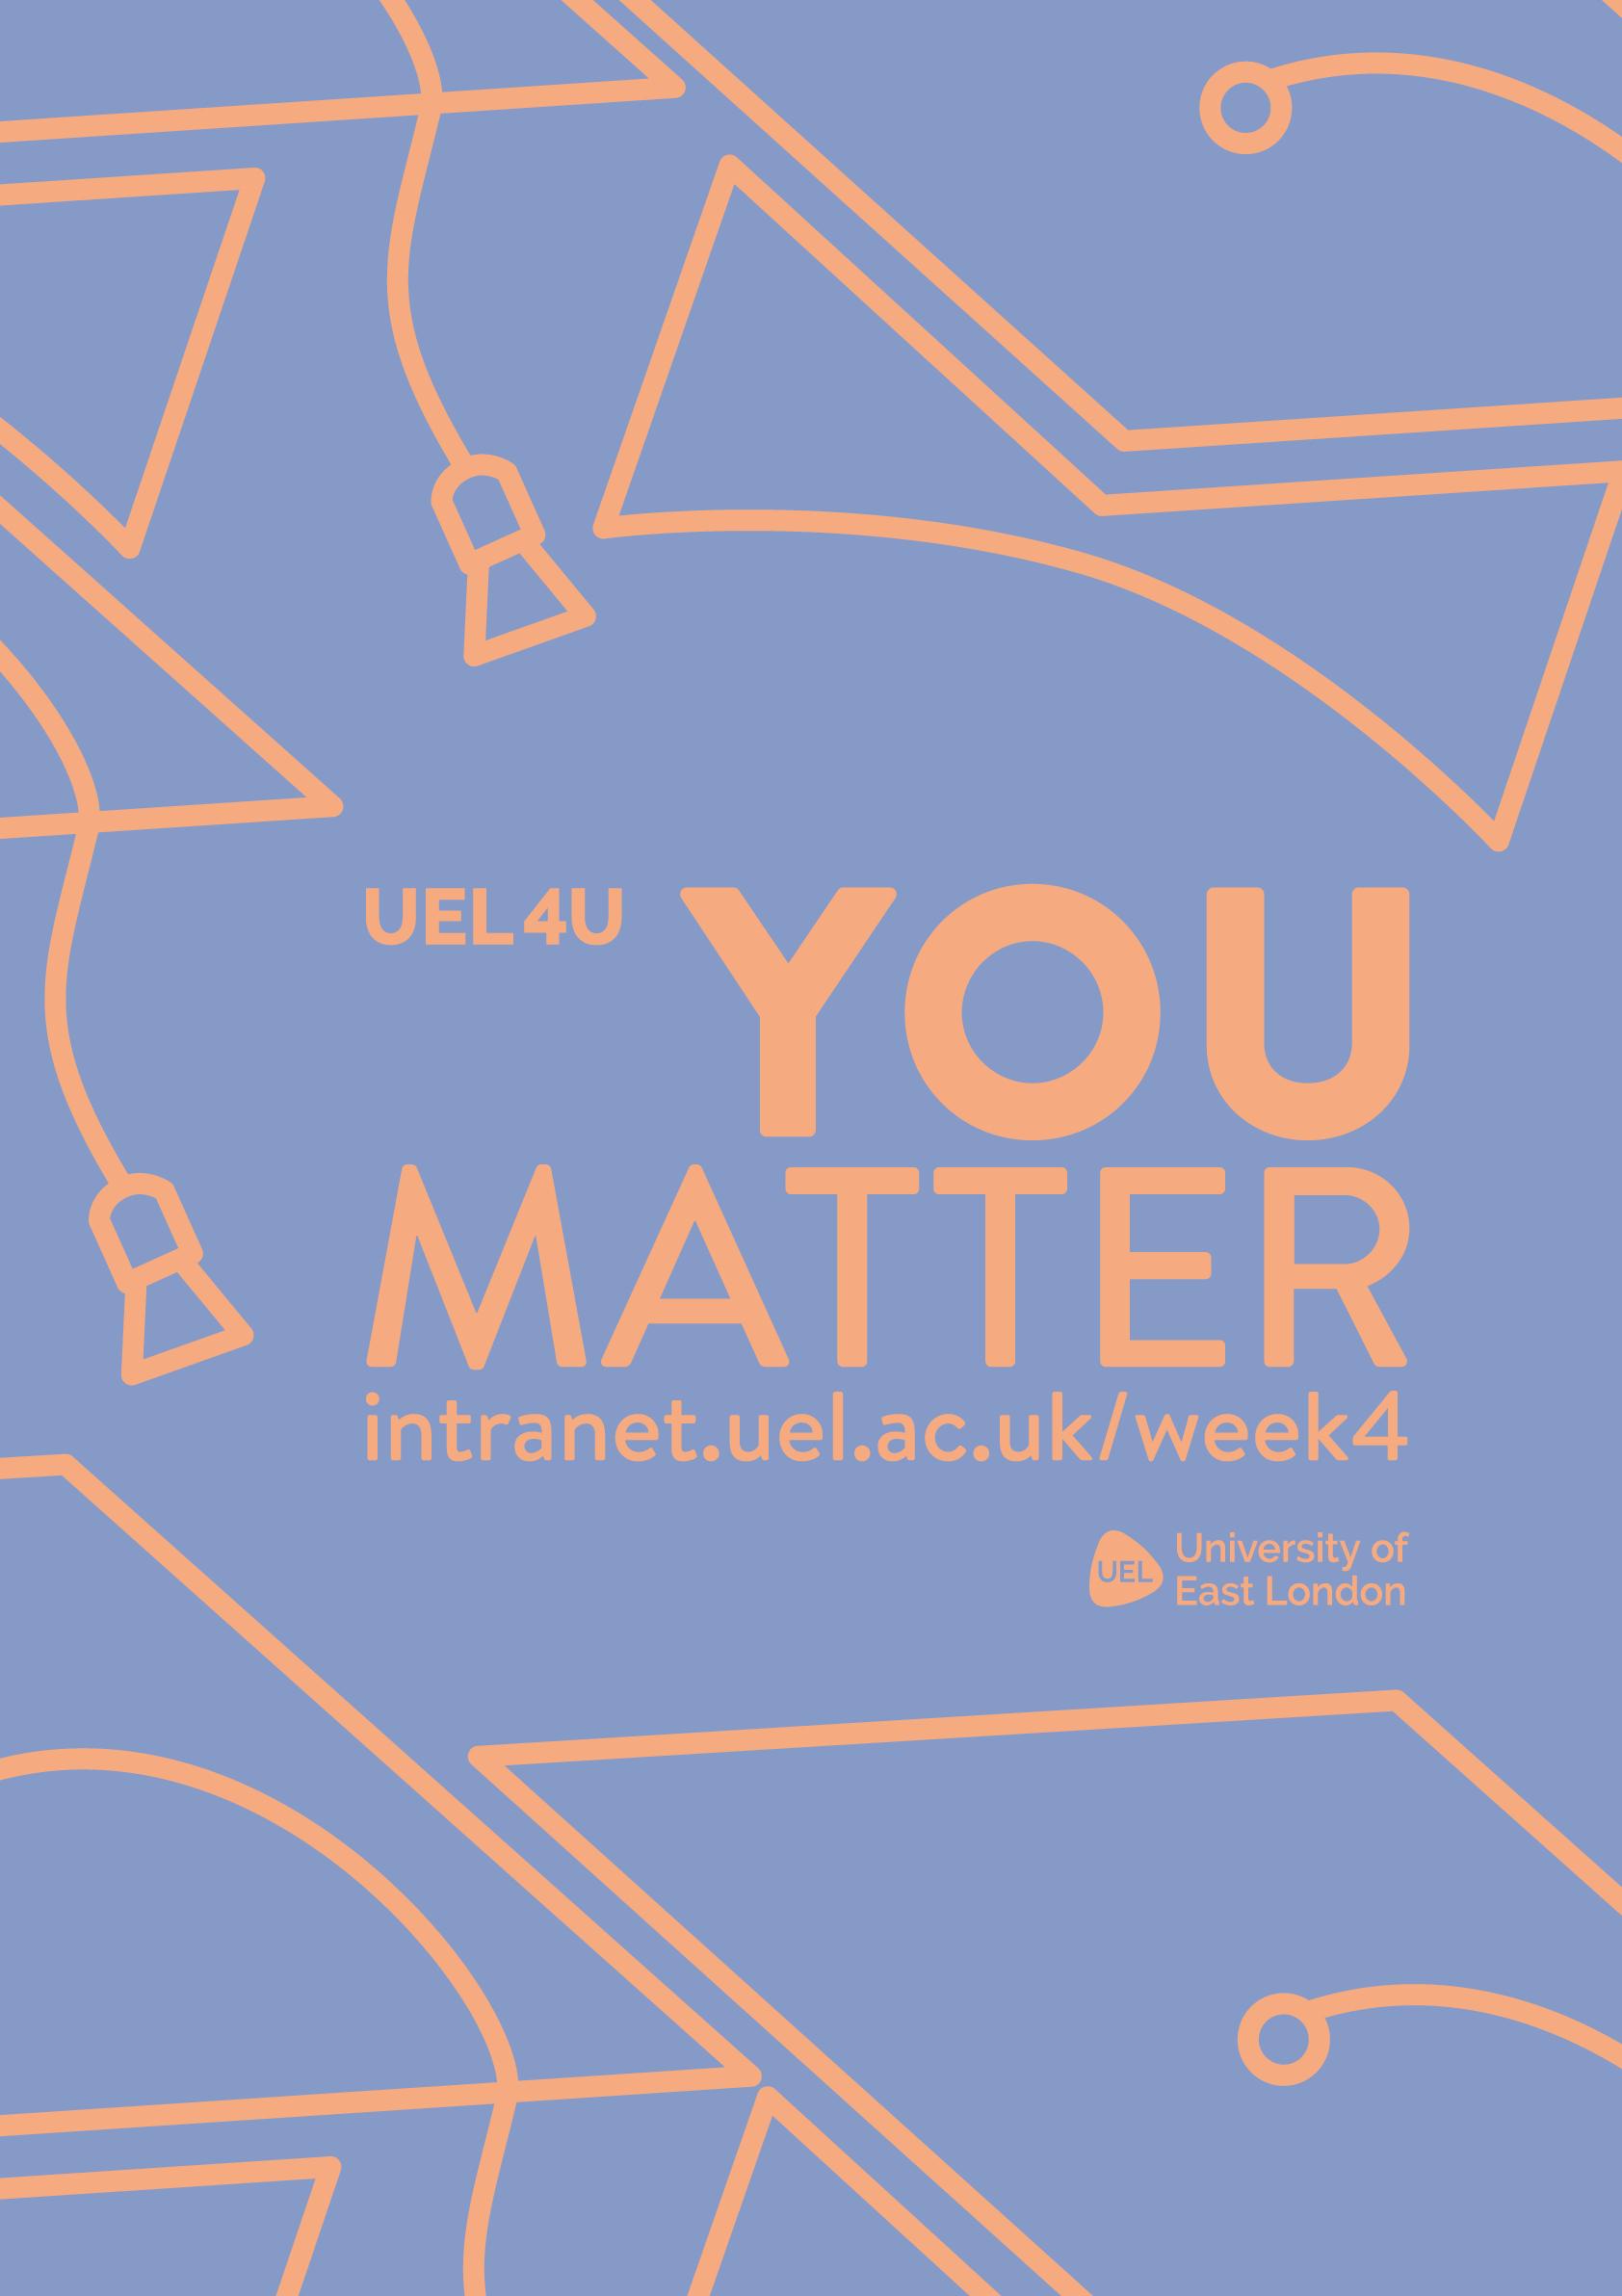 UEL4U-First6Weeks24.jpg